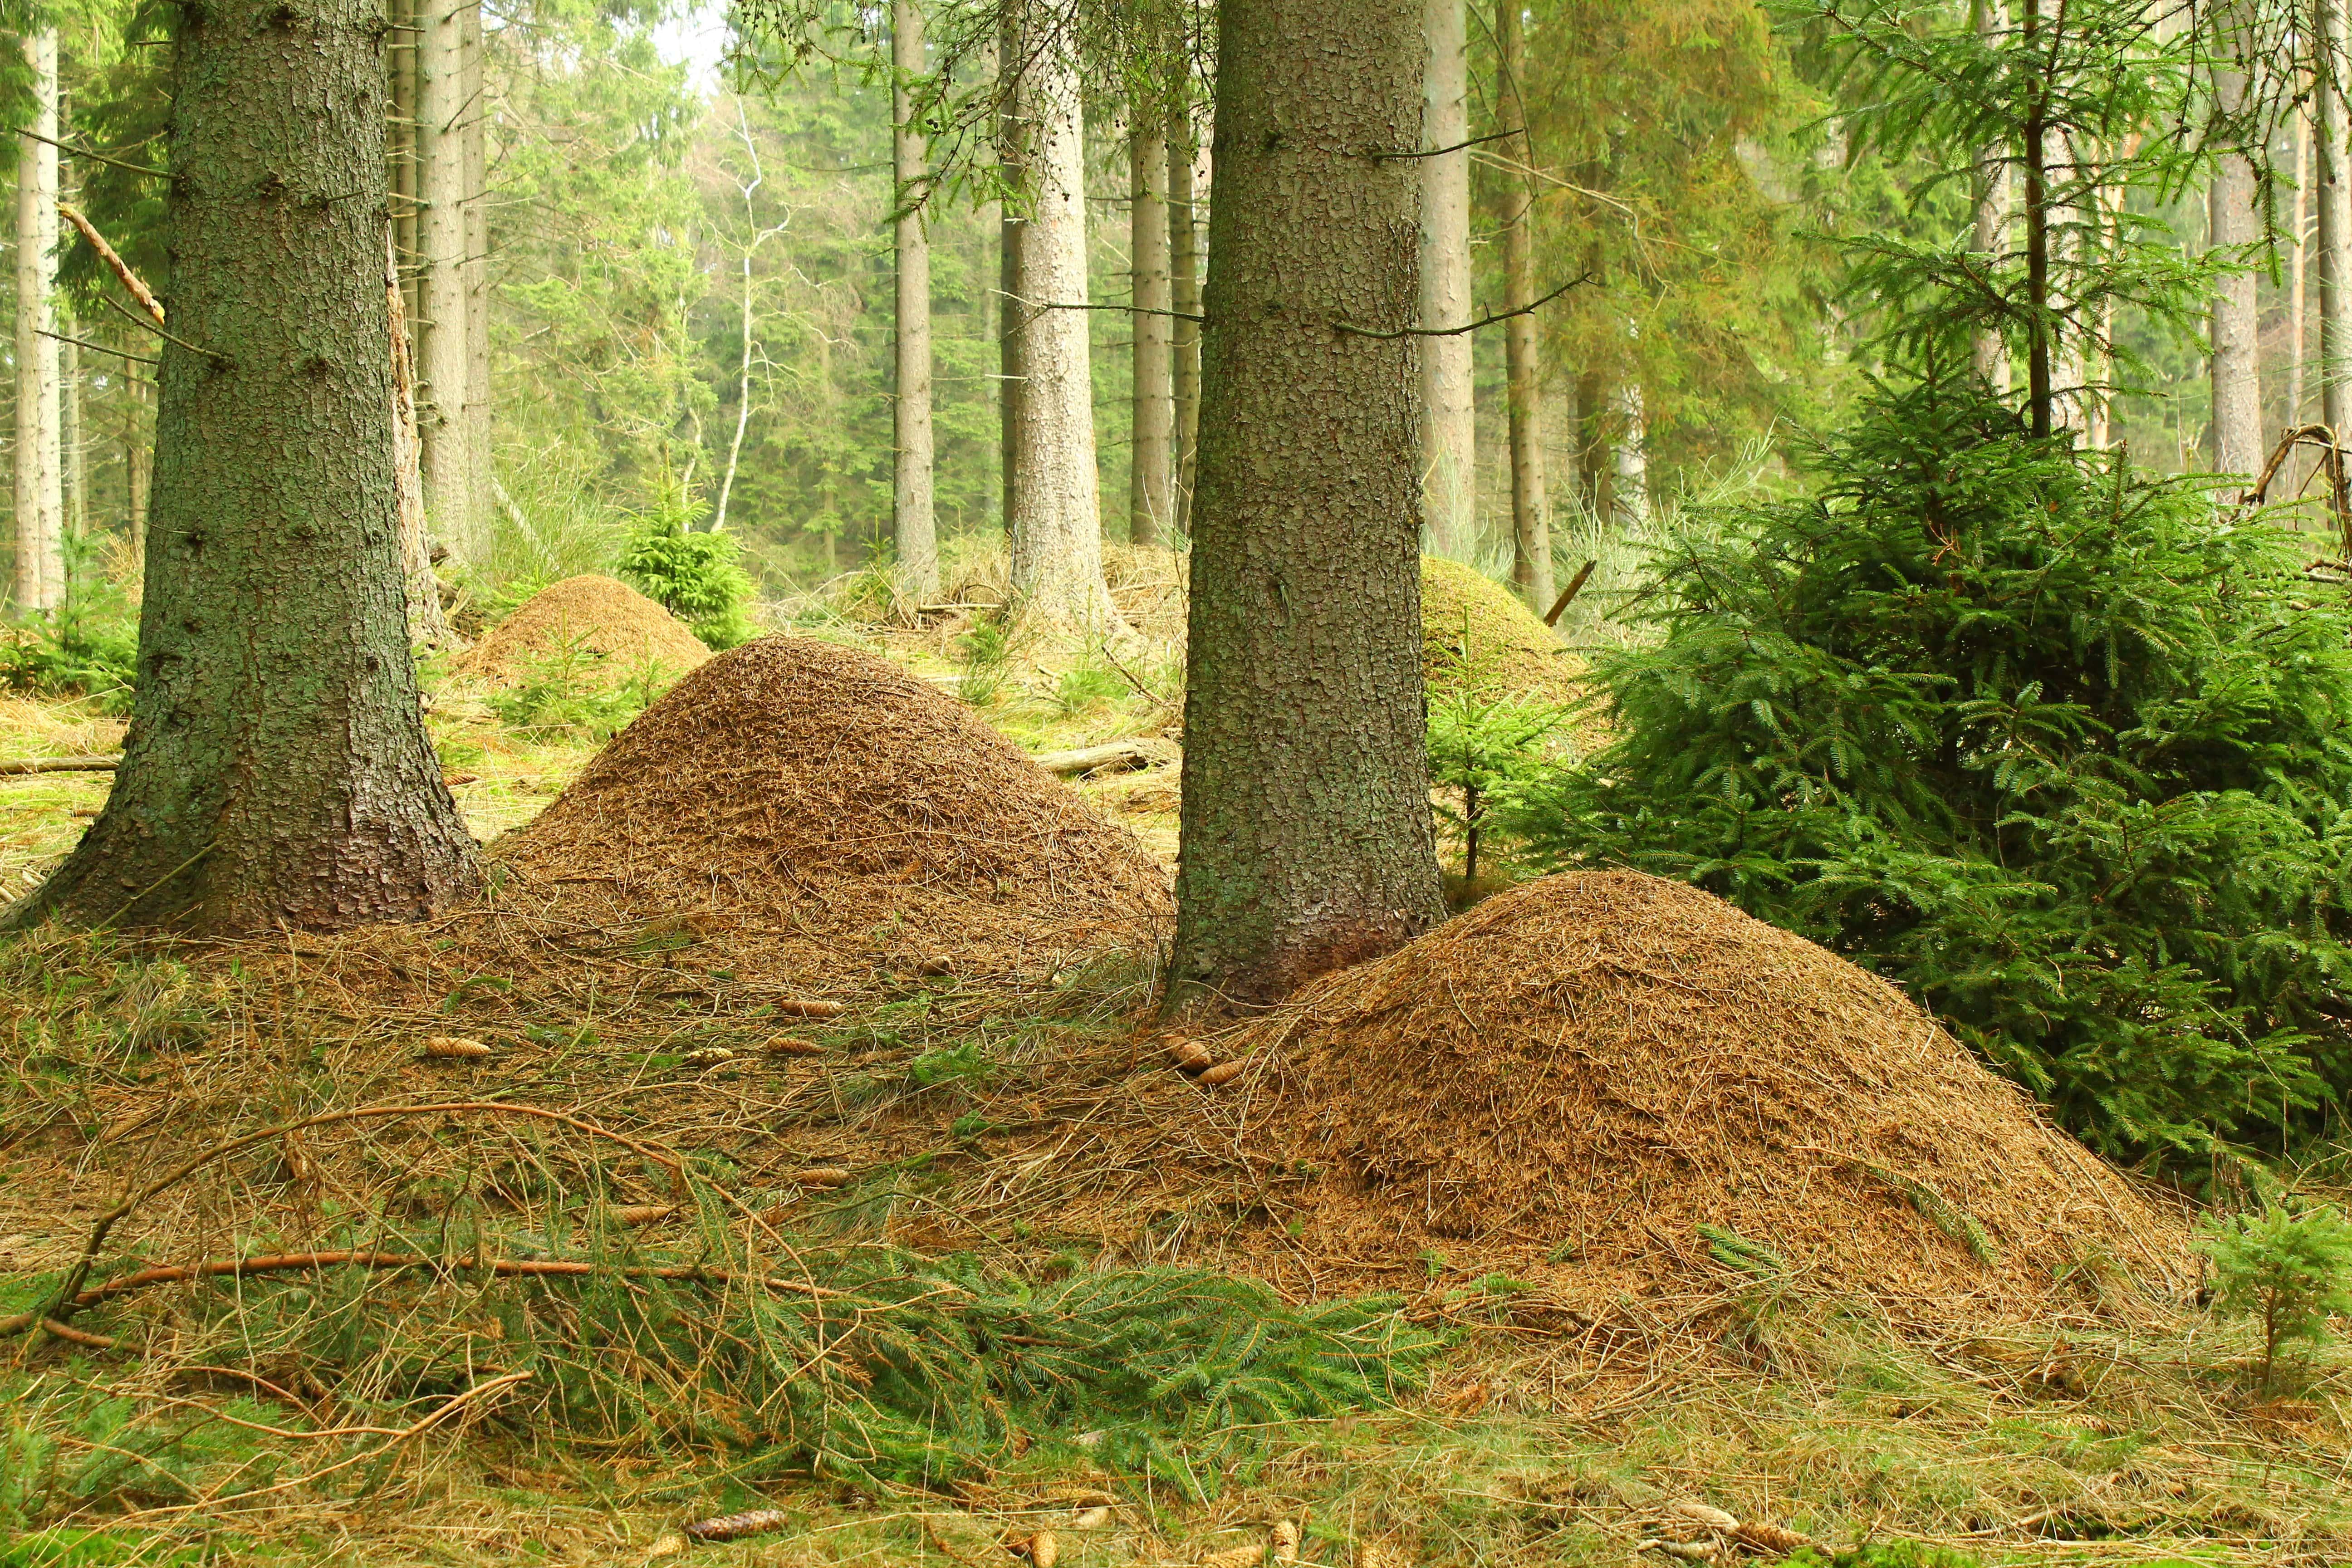 En tue med skovmyrer indeholder typisk et par hundredetusinde myrer, som samlet set vejer et par kg. Forskerne arbejder med at flytte myrerne ind i frugtplantager, hvor de tester om myrerne kan kontrollere skadedyr og plantesygdomme. (Foto: Jesper Stern Nielsen)